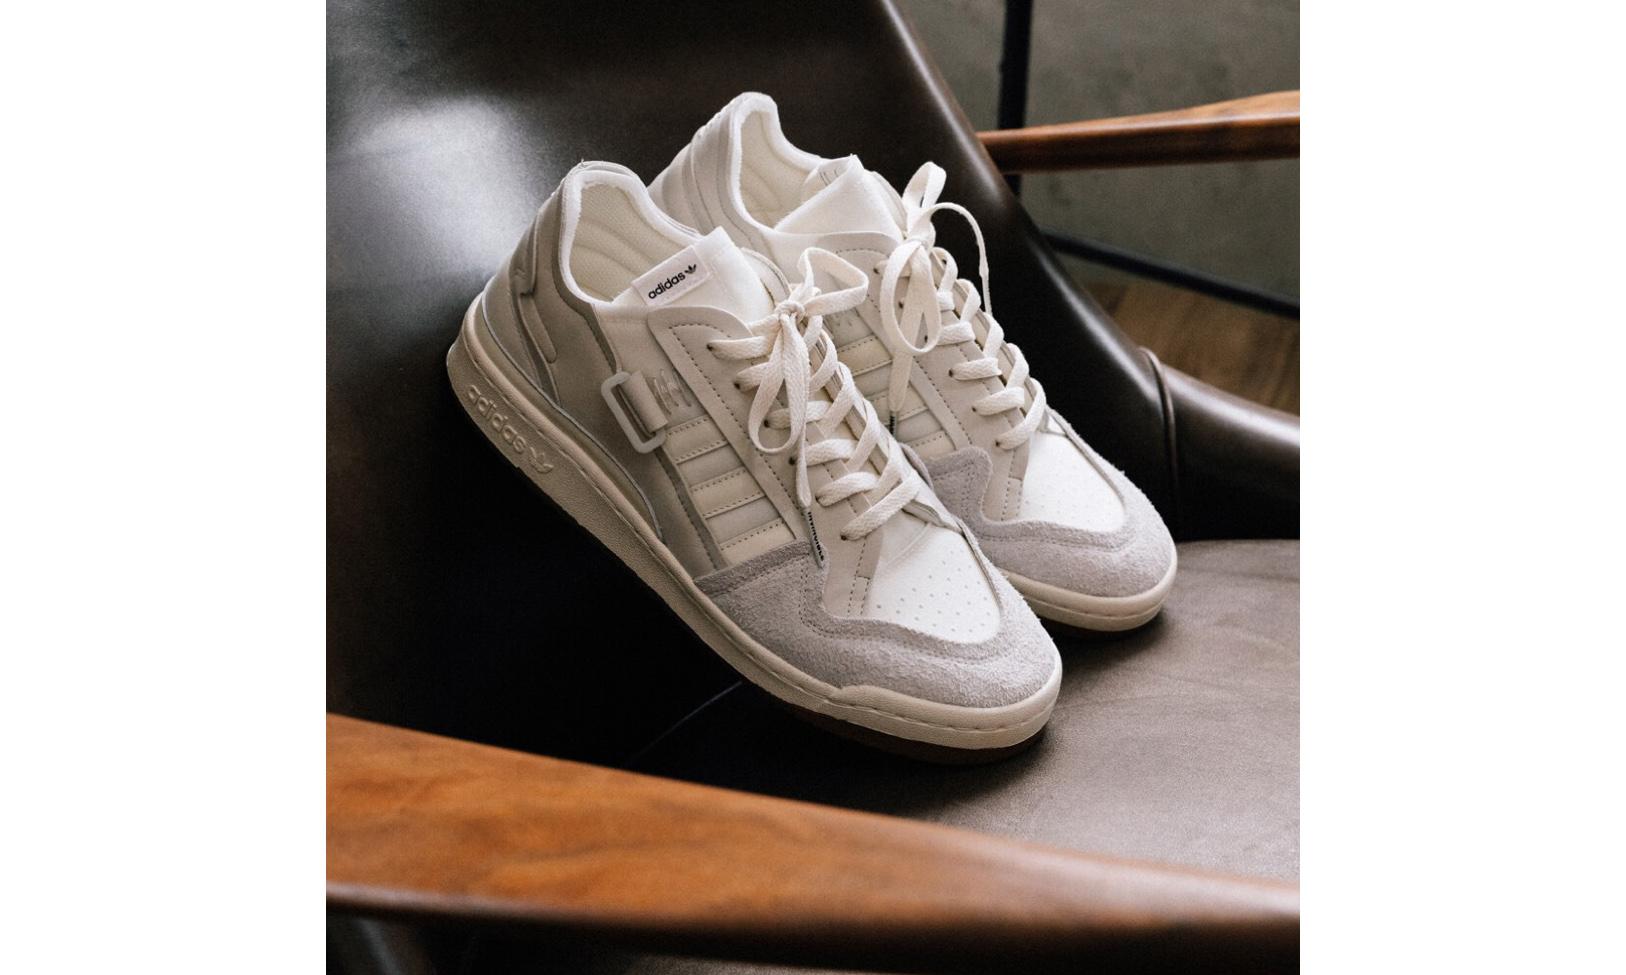 adidas Originals x INVINCIBLE 亲友限定鞋款有机会免费获得?